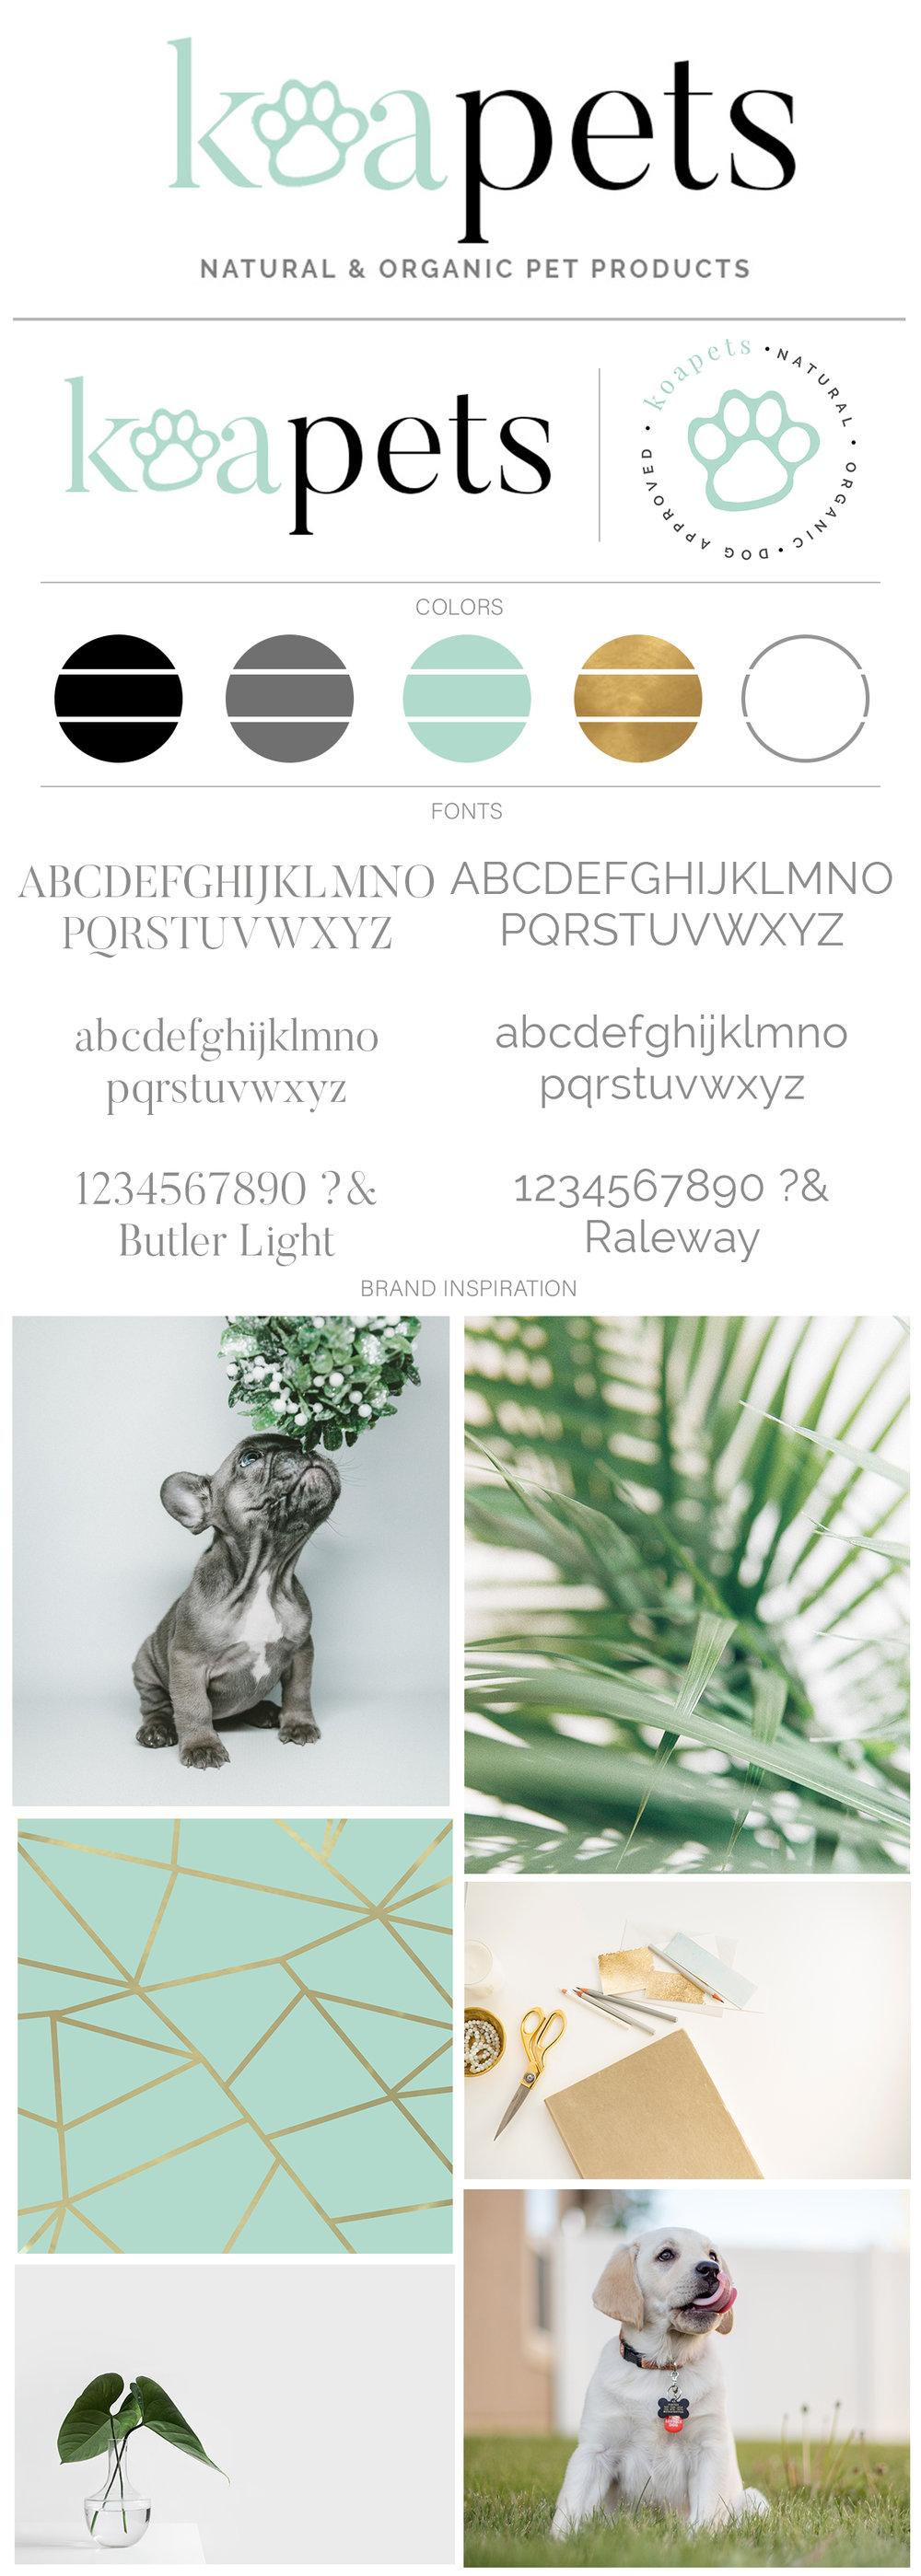 Koa Pets Brand Board.jpg